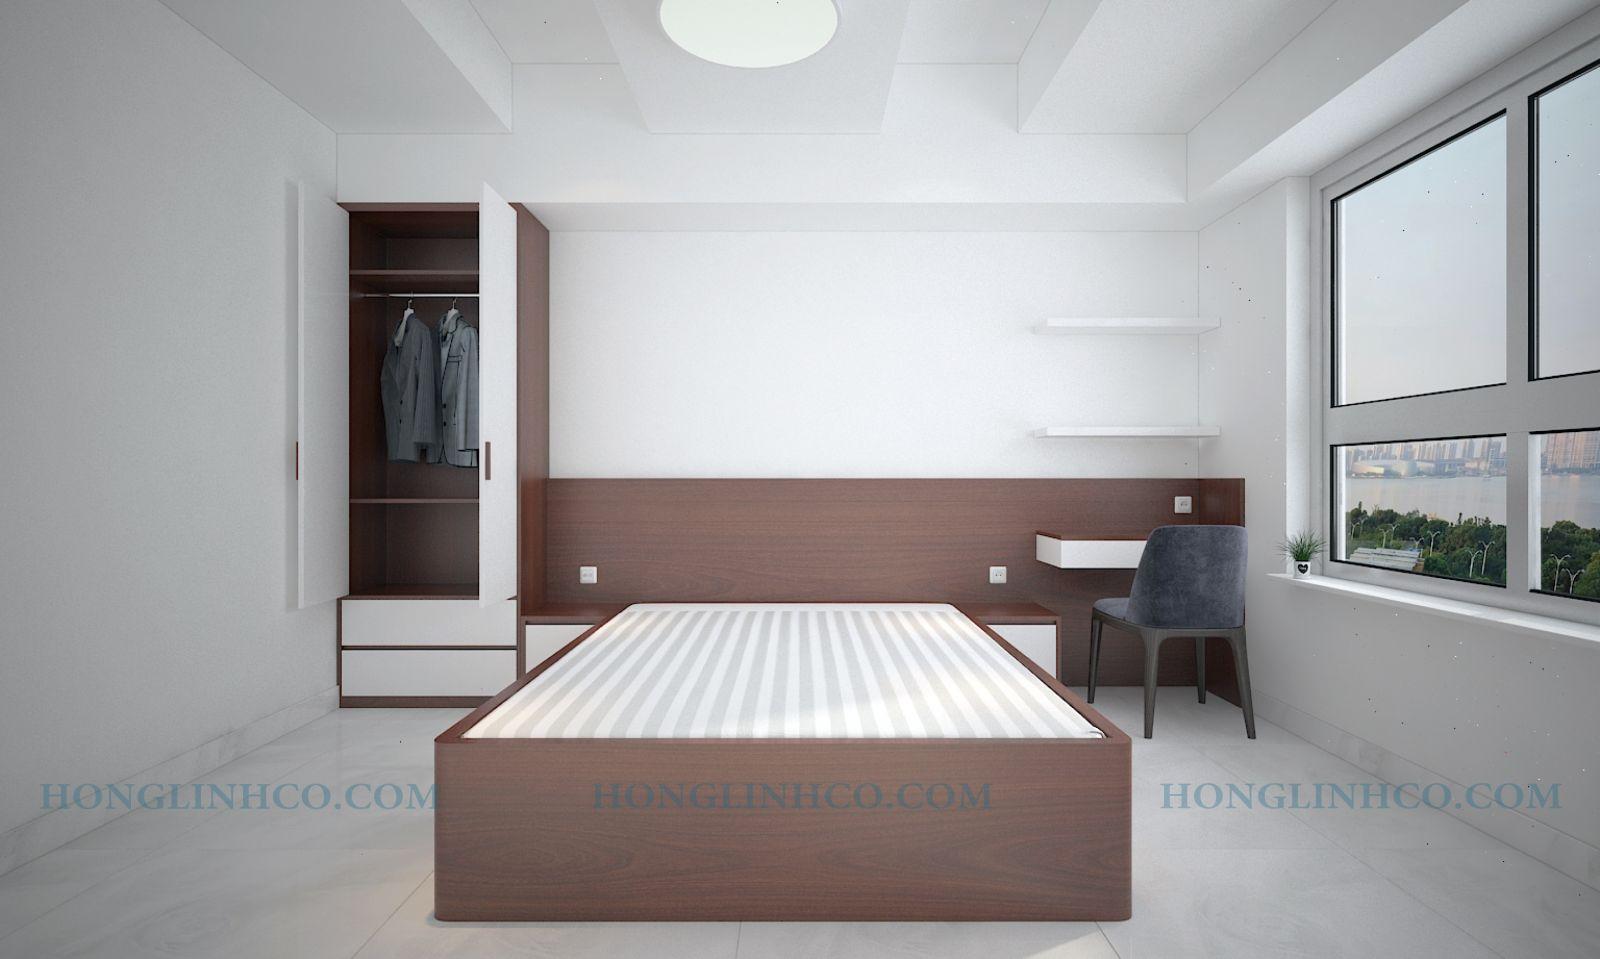 3-bedroom apartment DRAGON HILL